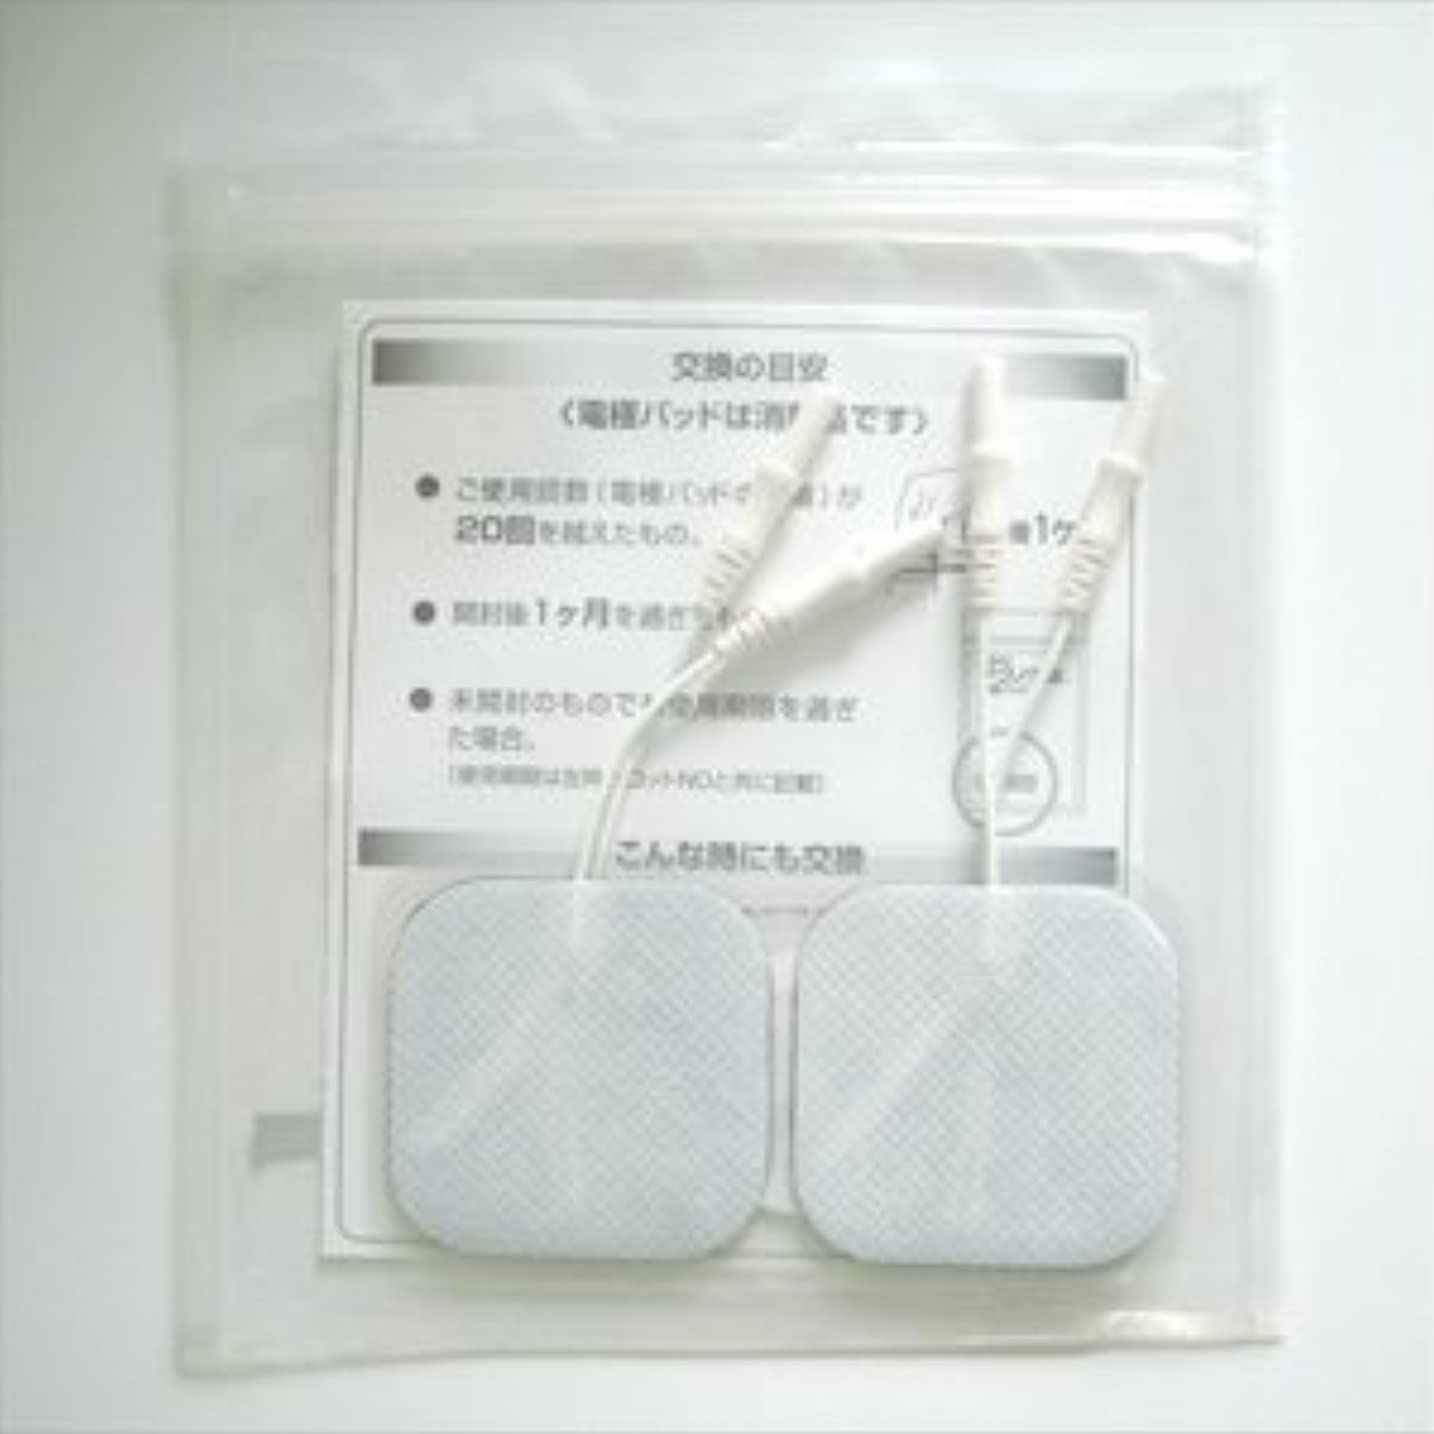 信者超音速フィールド【積水化成品工業】テクノゲル低周波電極パッド(中)5cm×5cm(1袋4枚入)